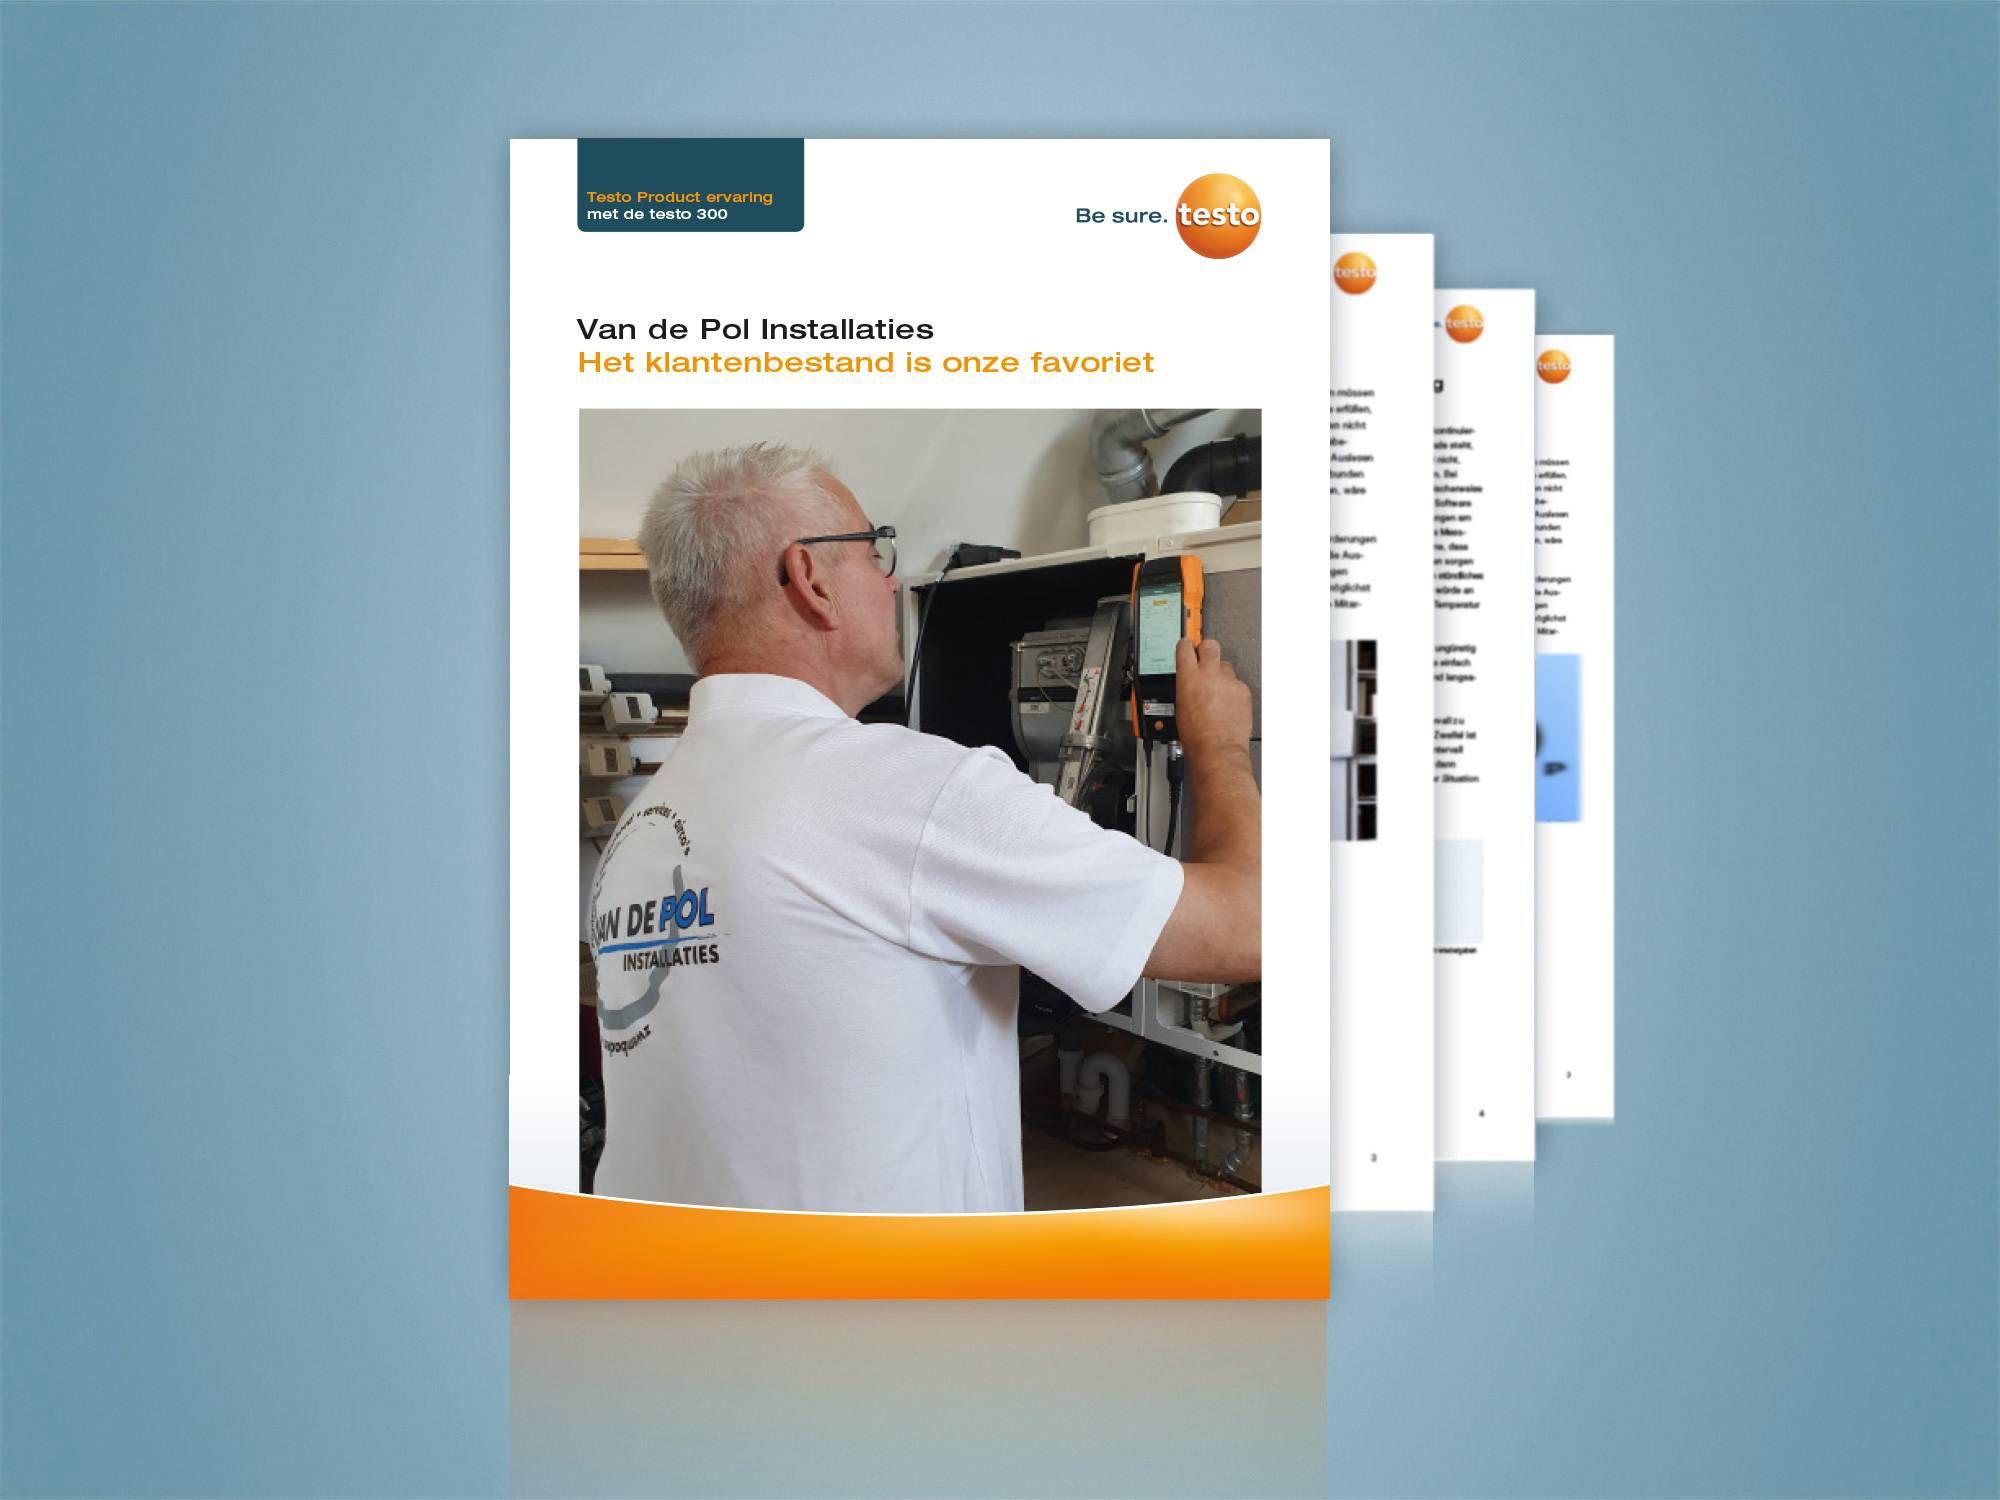 download-whitepaper-van-de-pol-testo300-2000x1500.jpg